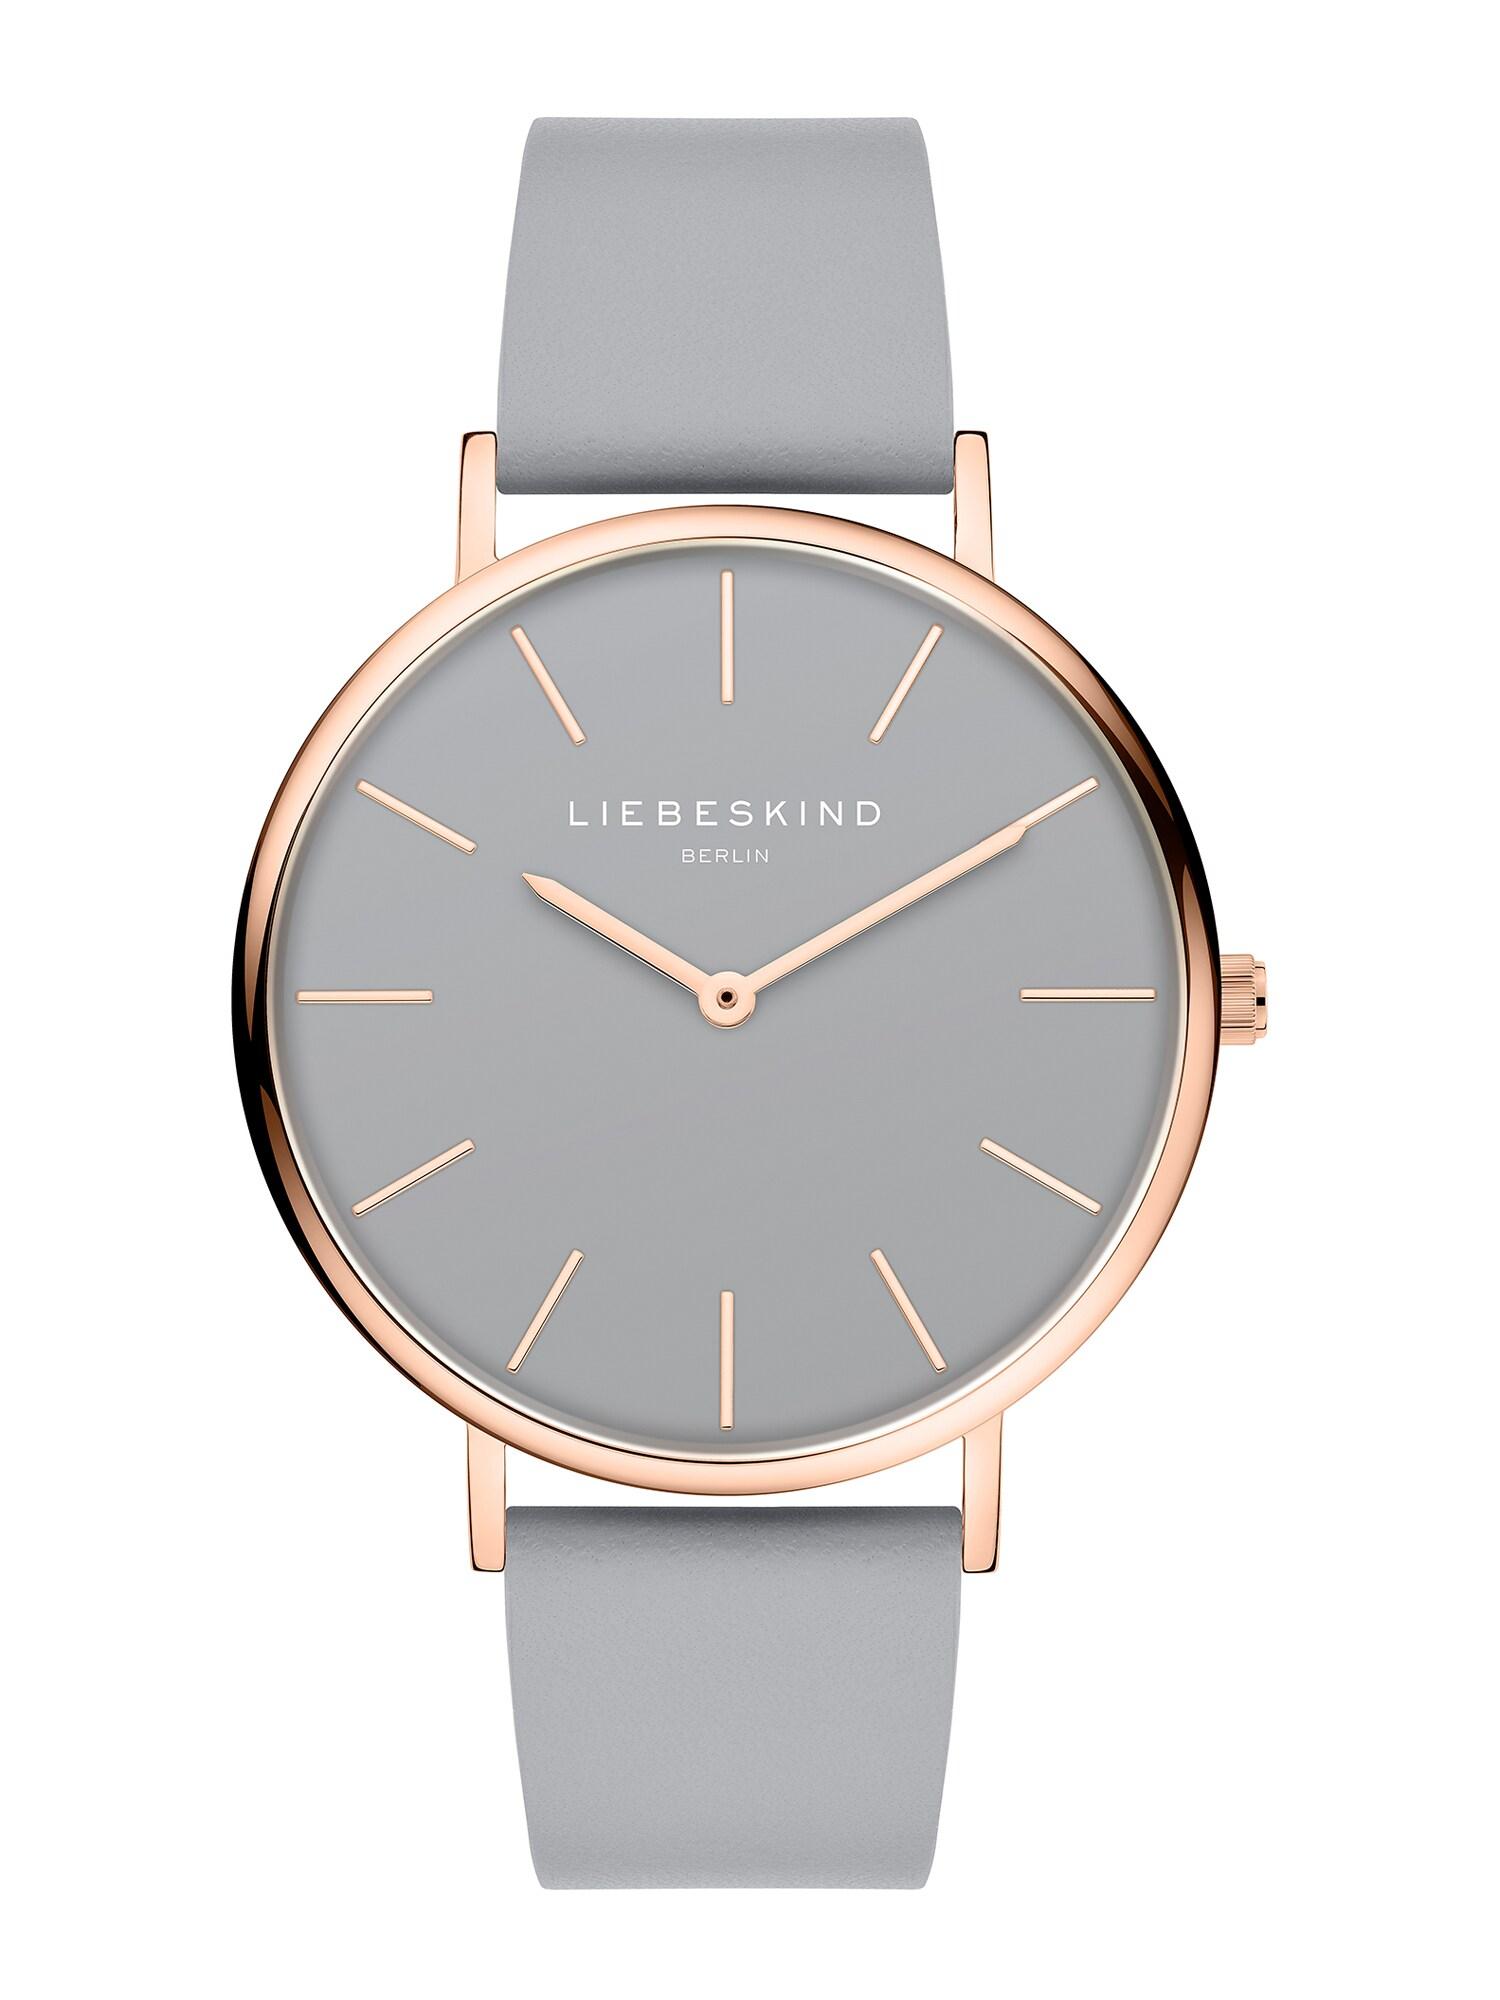 Liebeskind Berlin Analoginis (įprasto dizaino) laikrodis pilka / rožinio aukso spalva